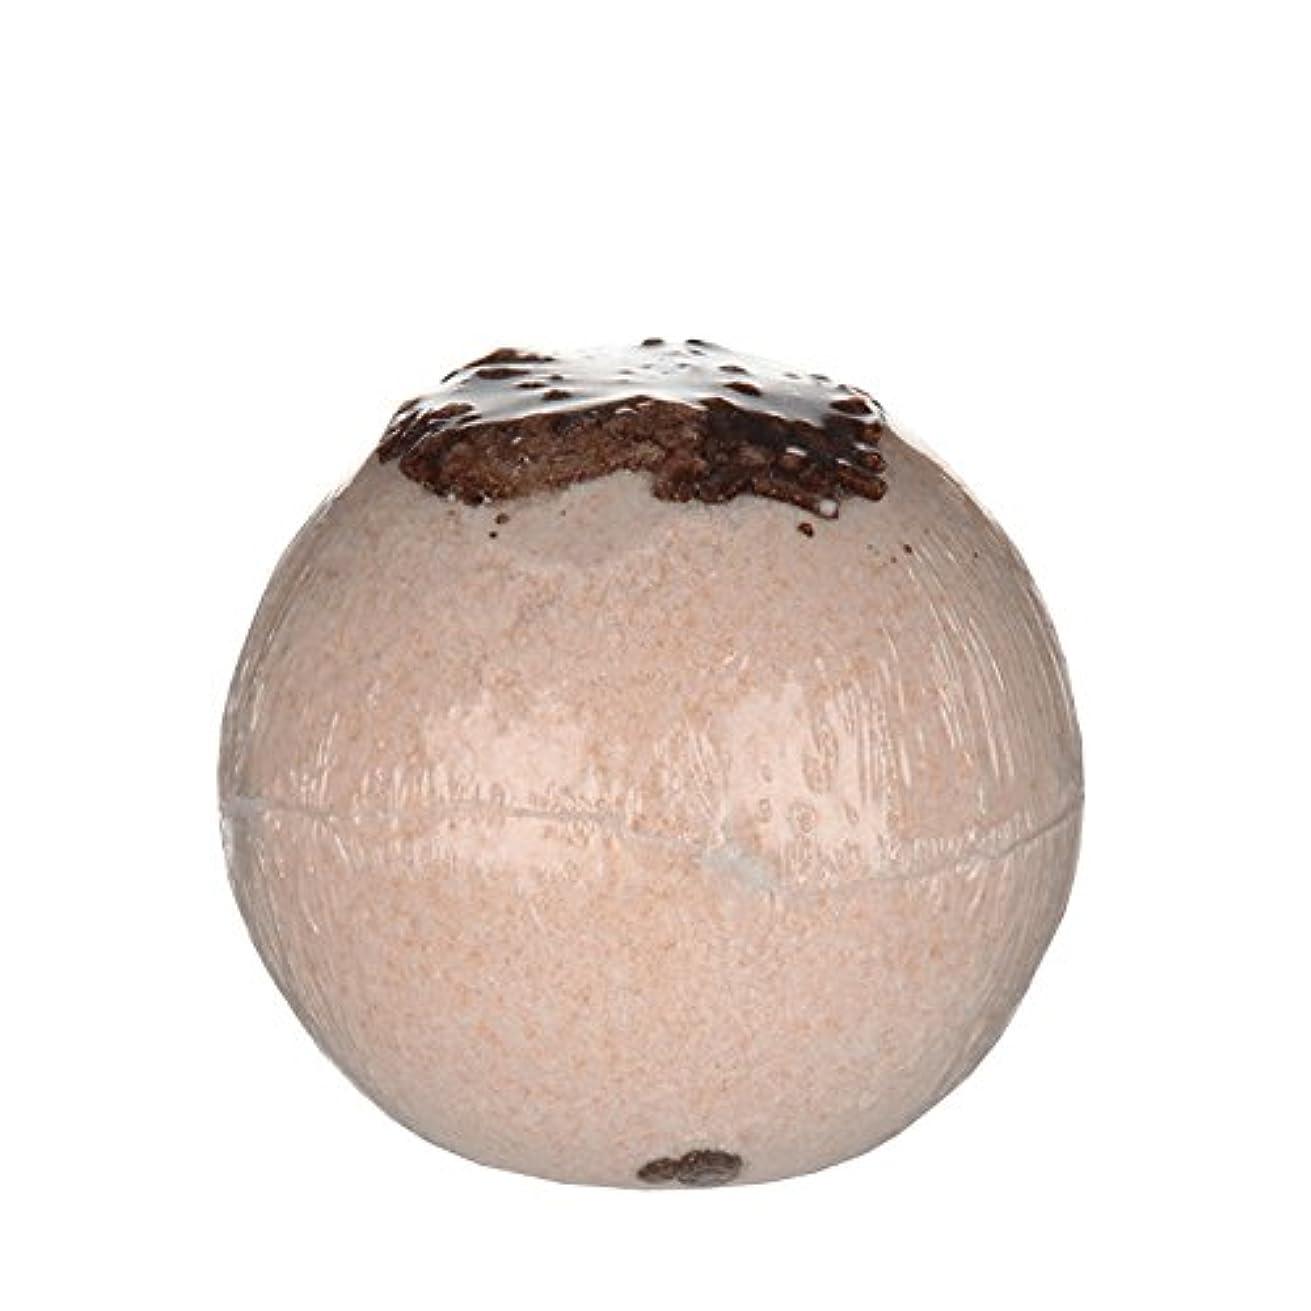 踏み台言う結び目Treetsバスボールココナッツチョコレート170グラム - Treets Bath Ball Coconut Chocolate 170g (Treets) [並行輸入品]